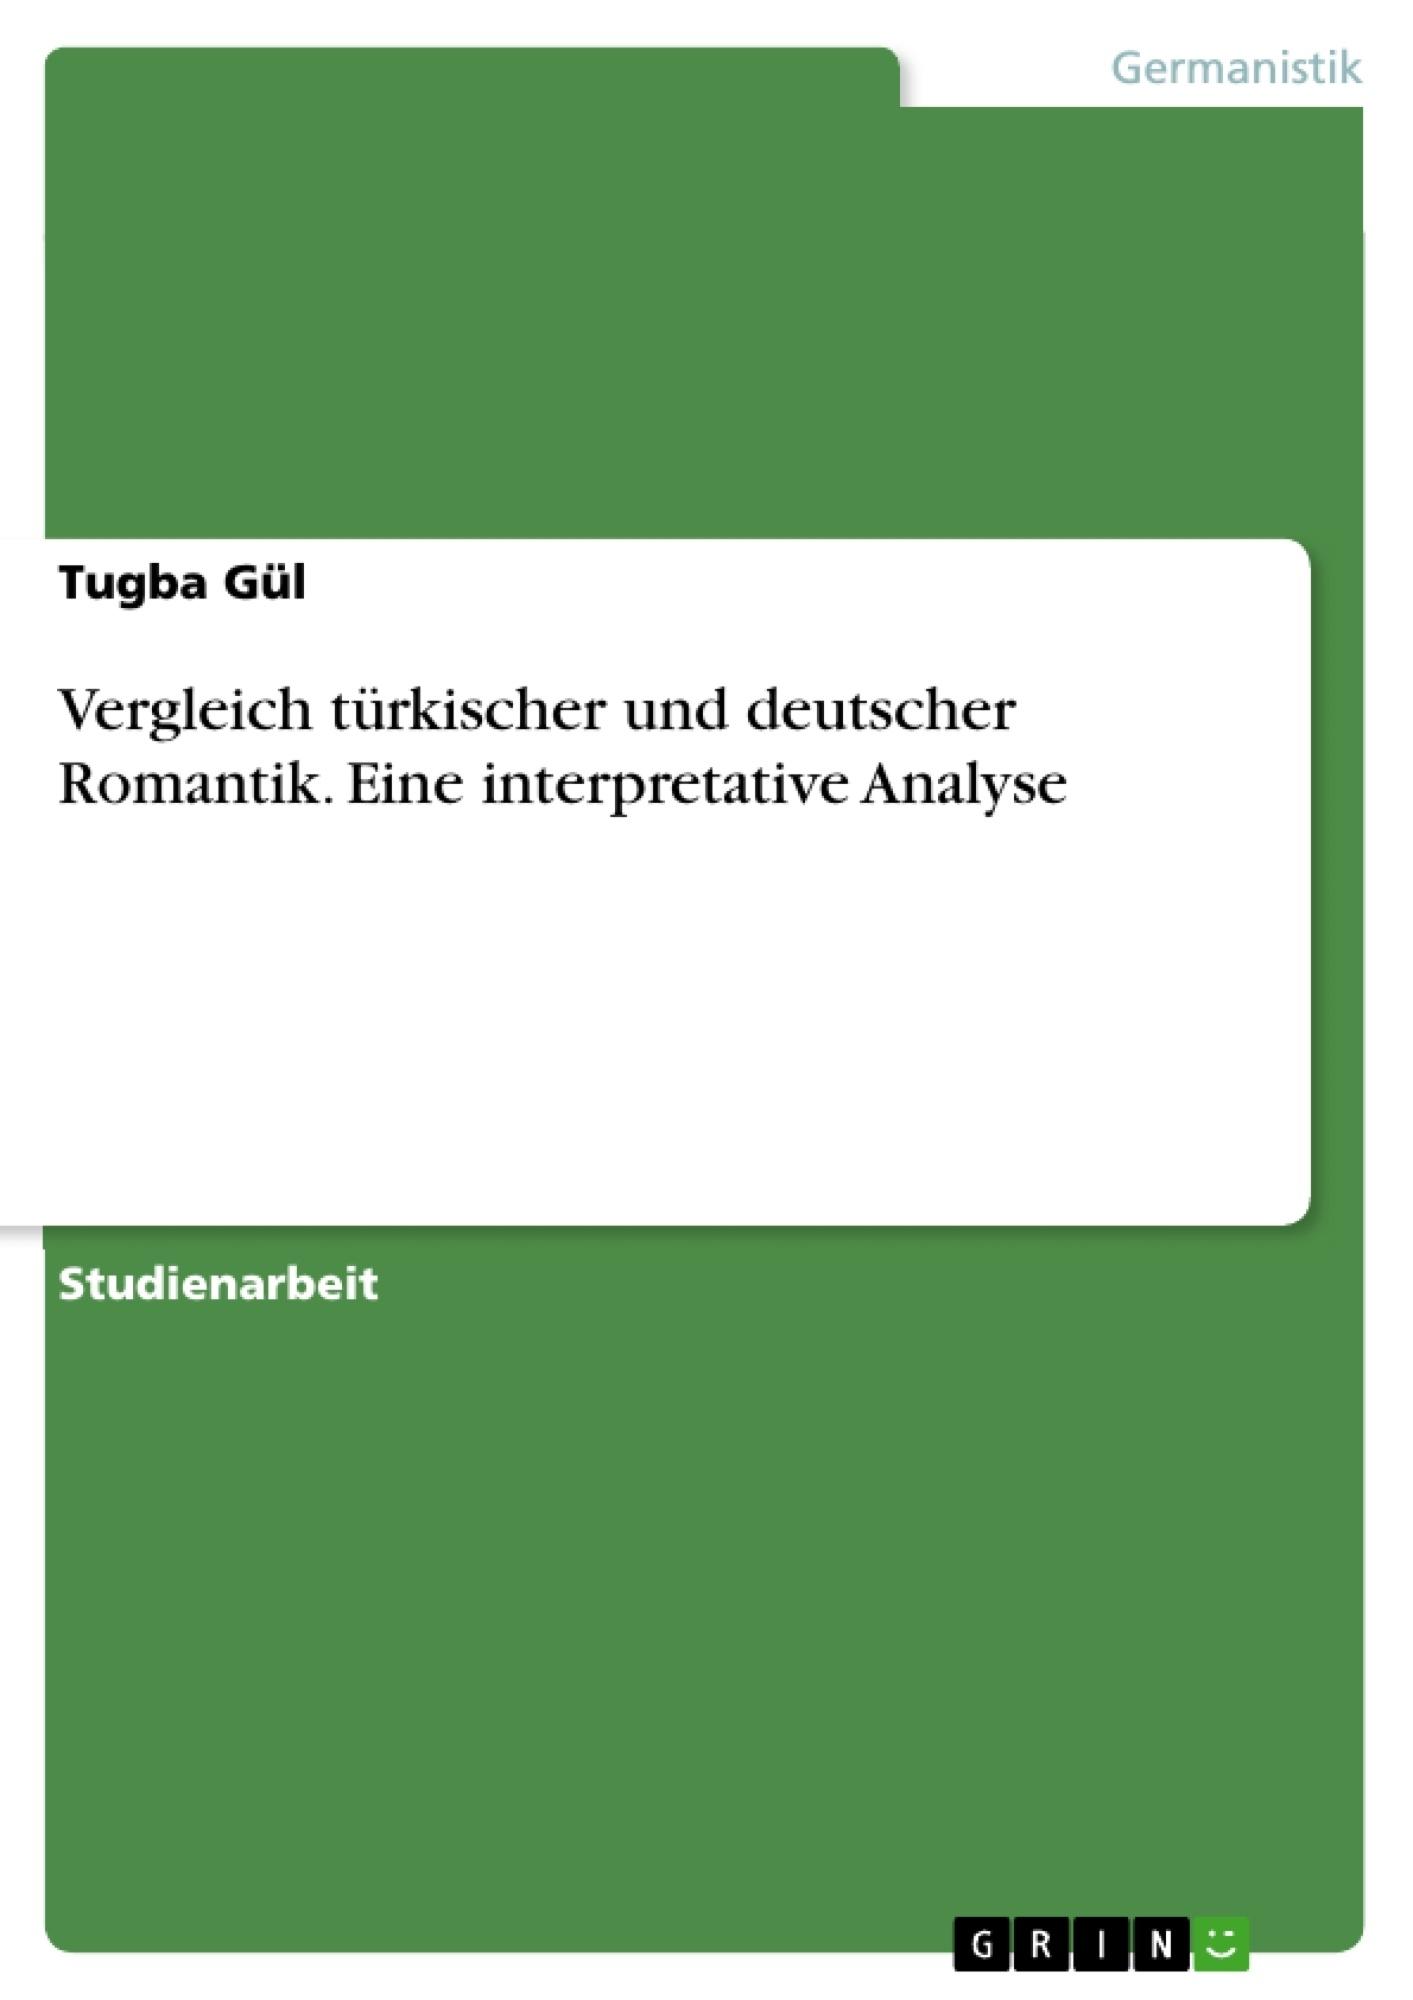 Titel: Vergleich türkischer und deutscher Romantik. Eine interpretative Analyse